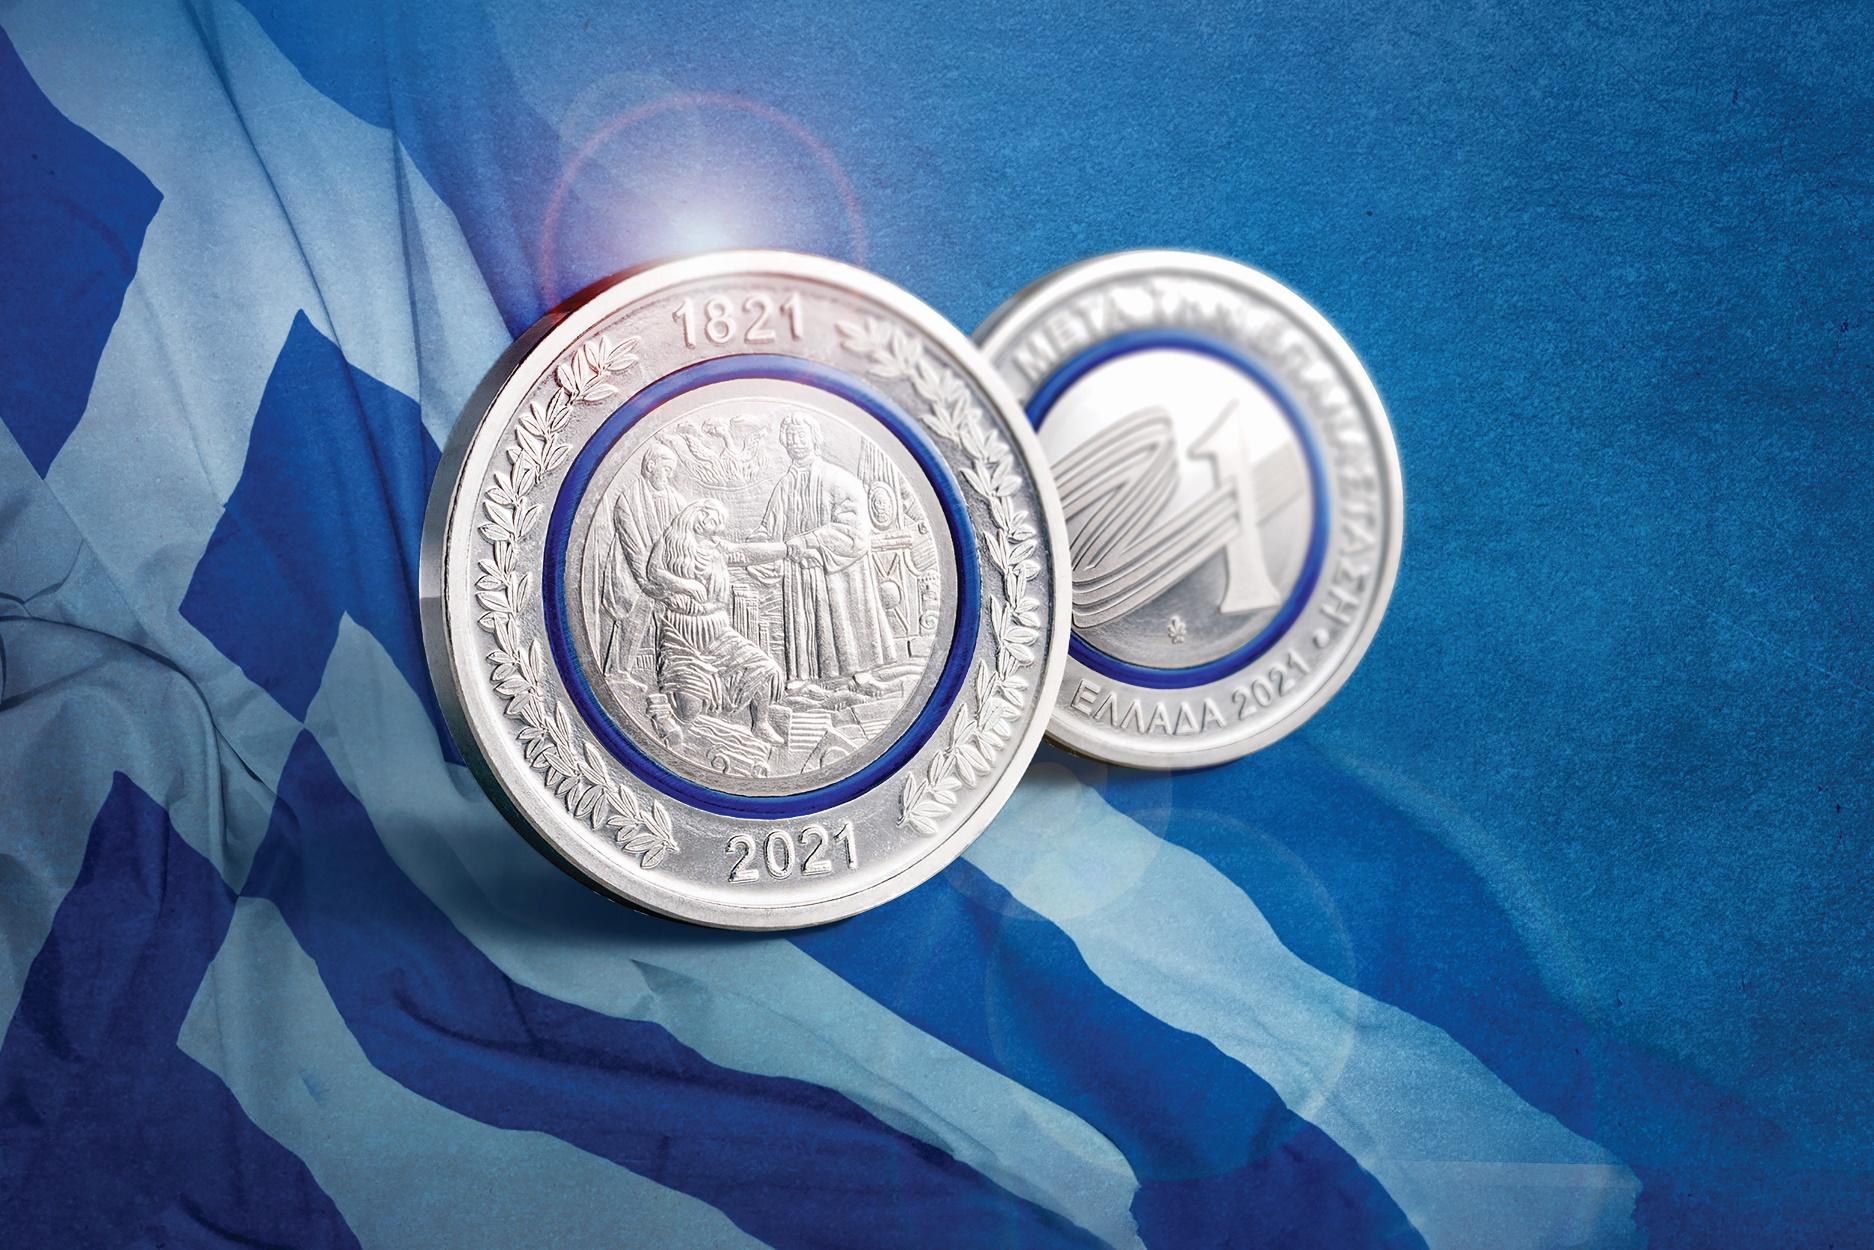 συλλεκτικό μετάλλιο Εθνικής Τράπεζας